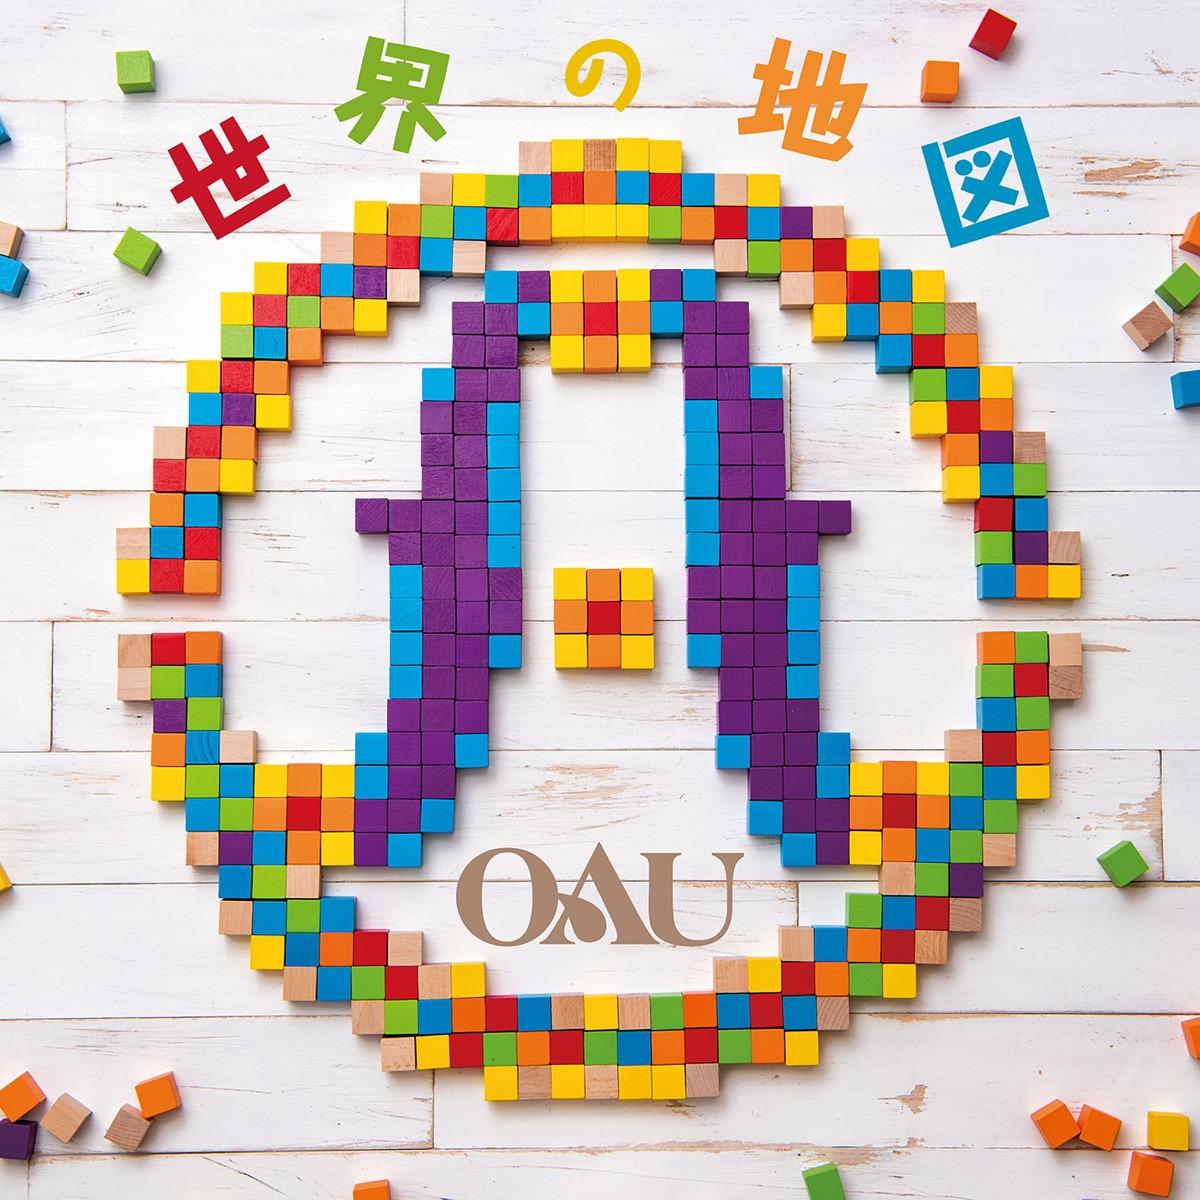 『OAU 世界の地図 歌詞』収録の『世界の地図』ジャケット